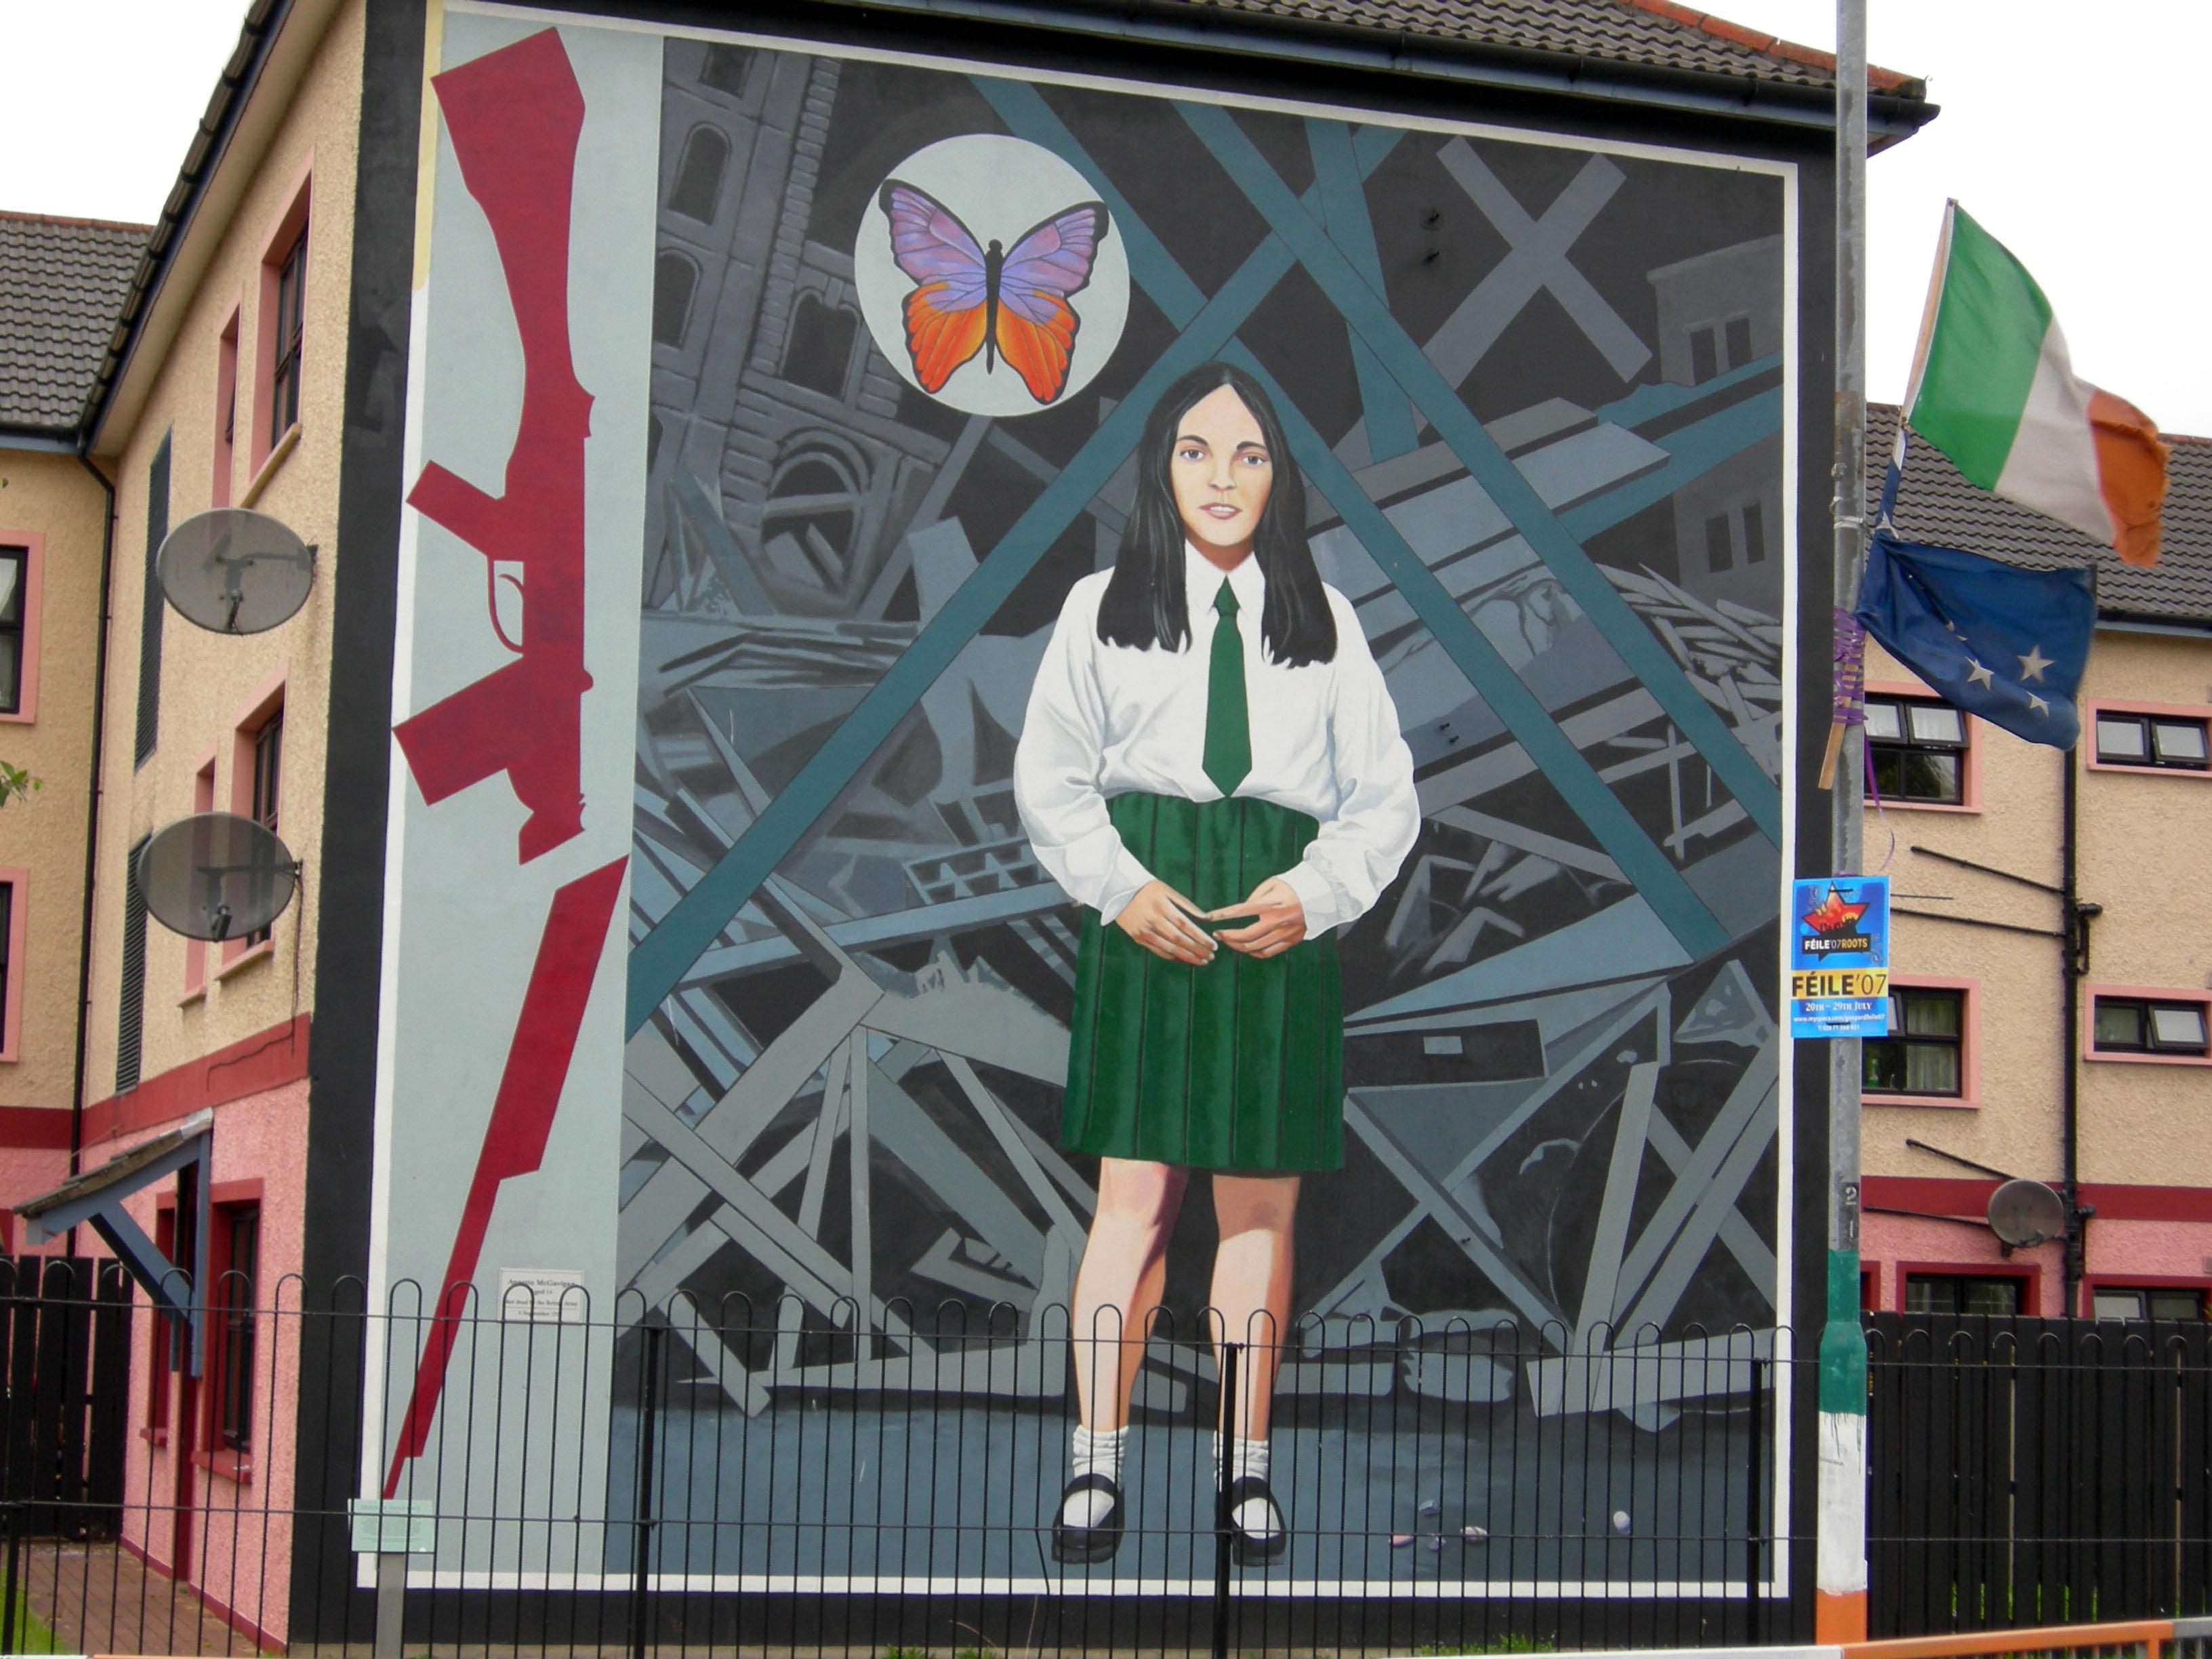 Murals in northern ireland for Mural northern ireland